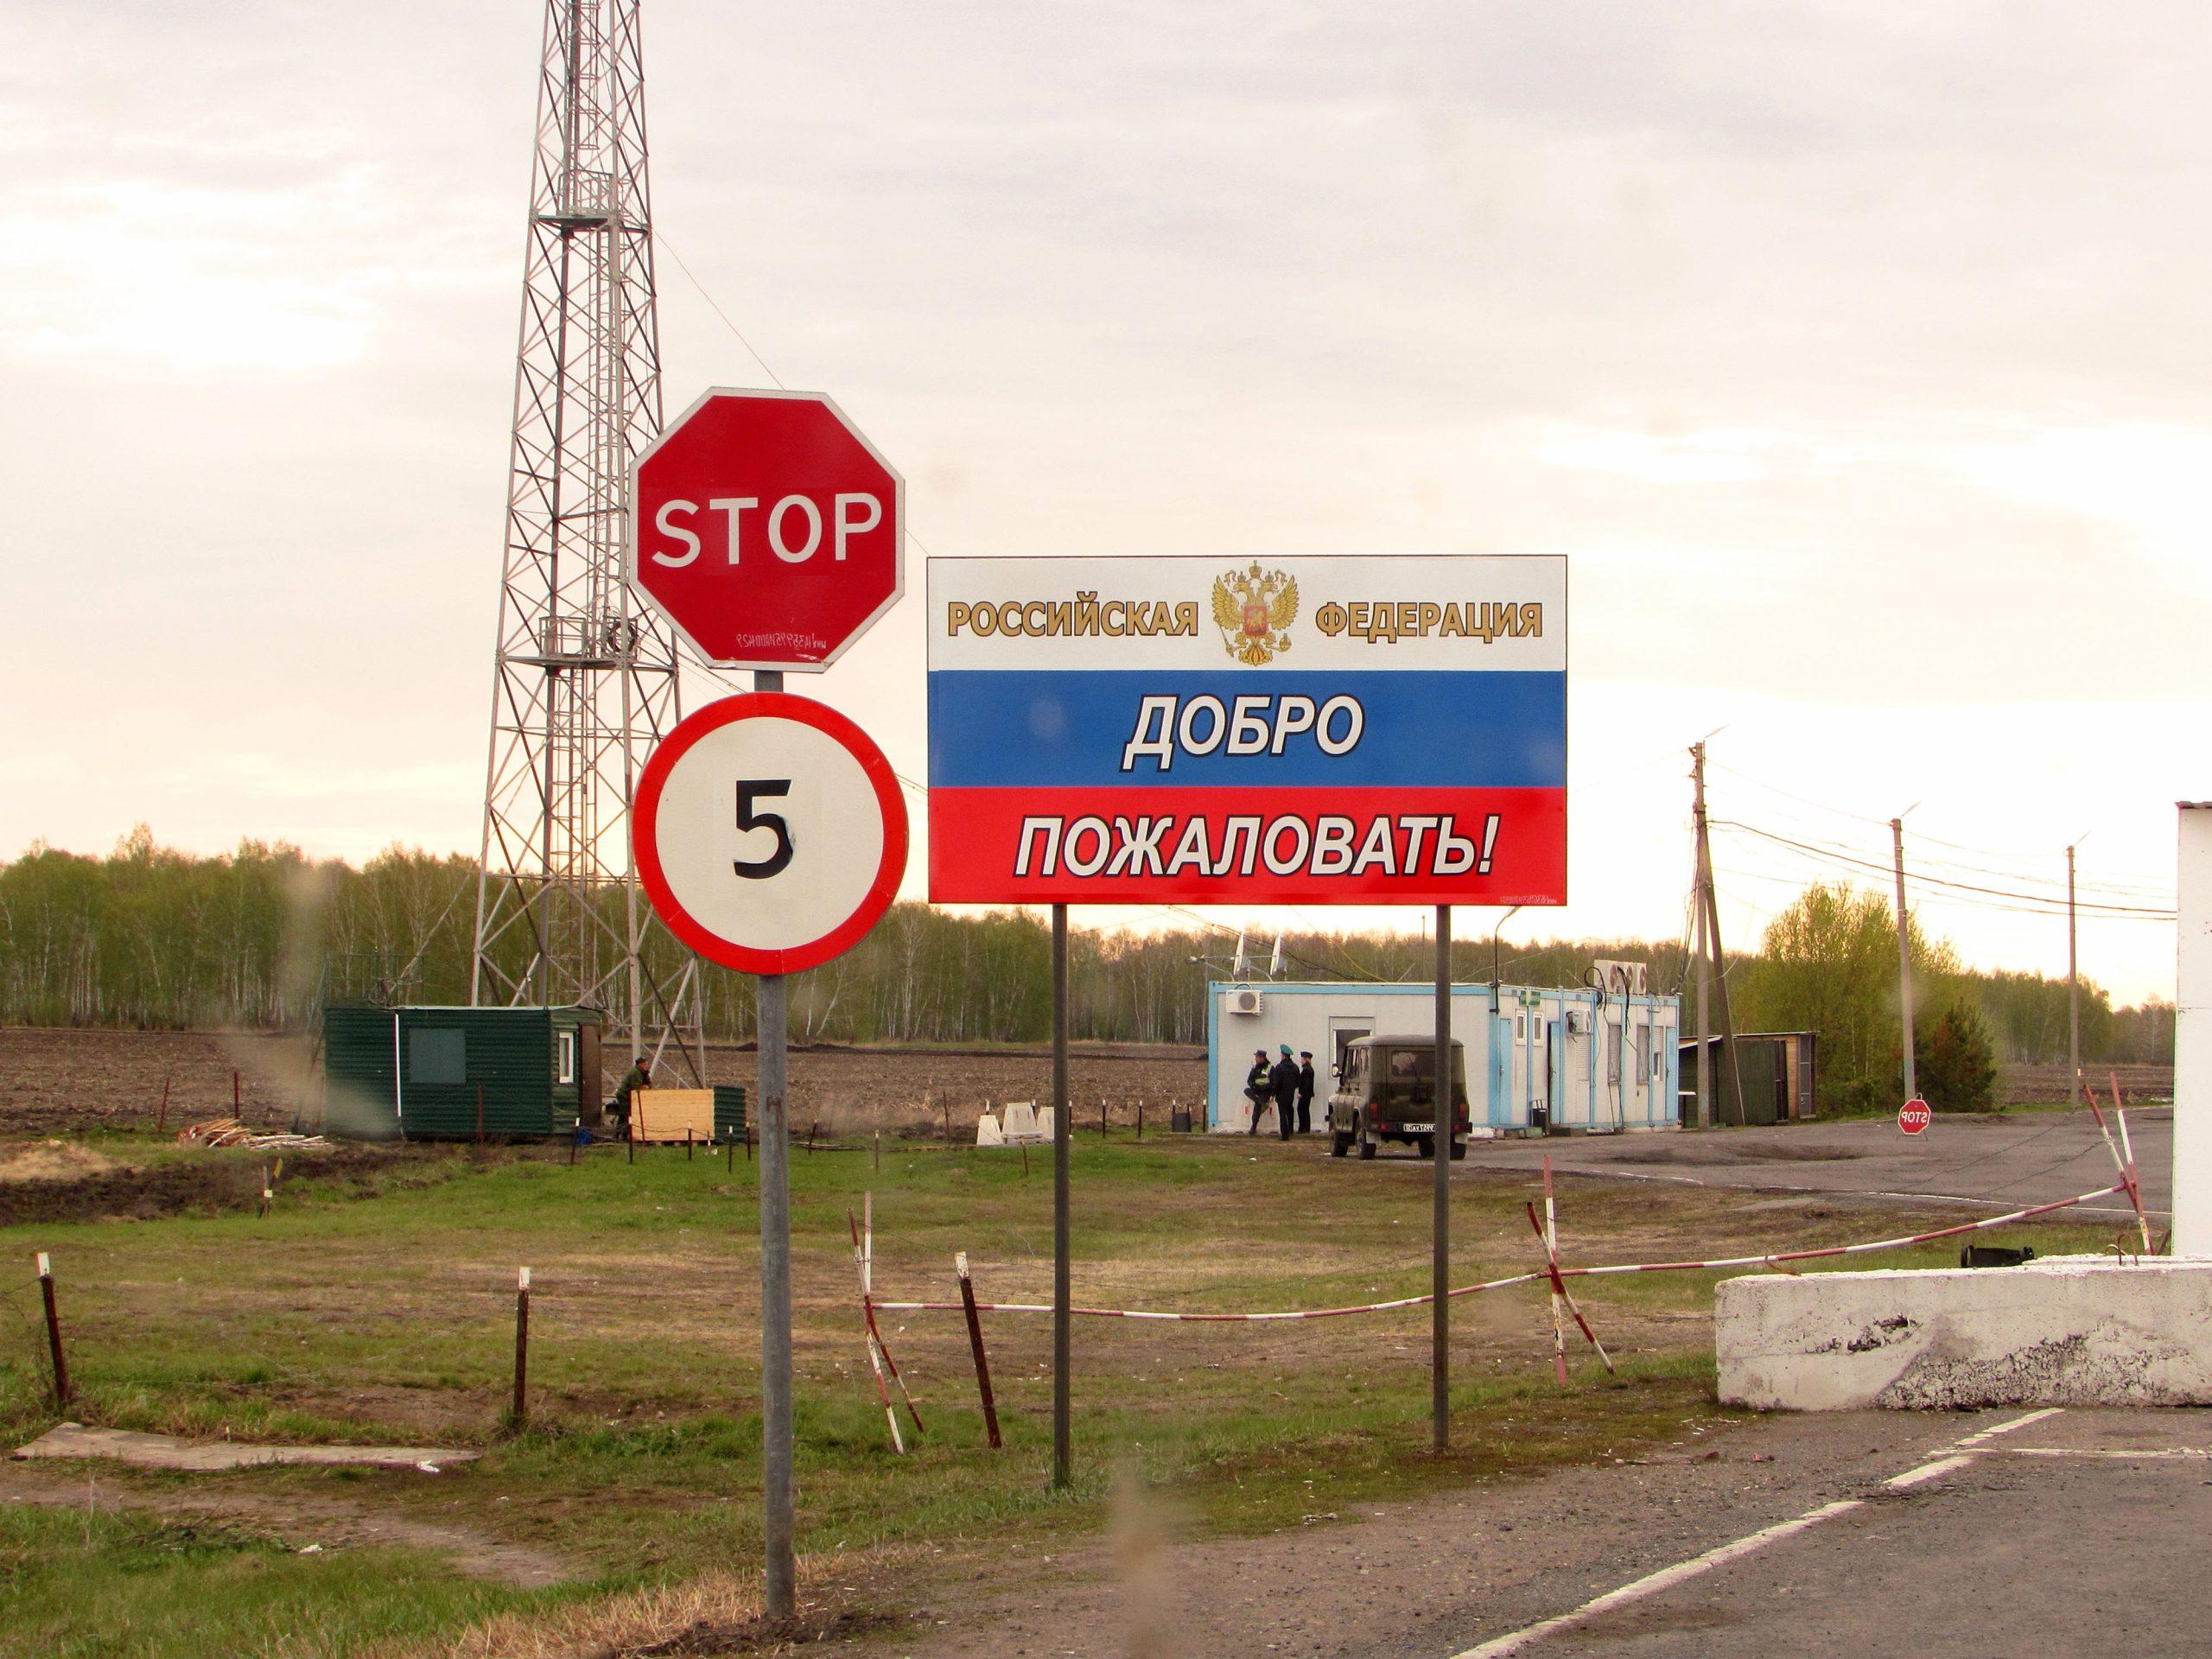 Иностранцы, имеющие родственников в России, смогут оформить многократные визы